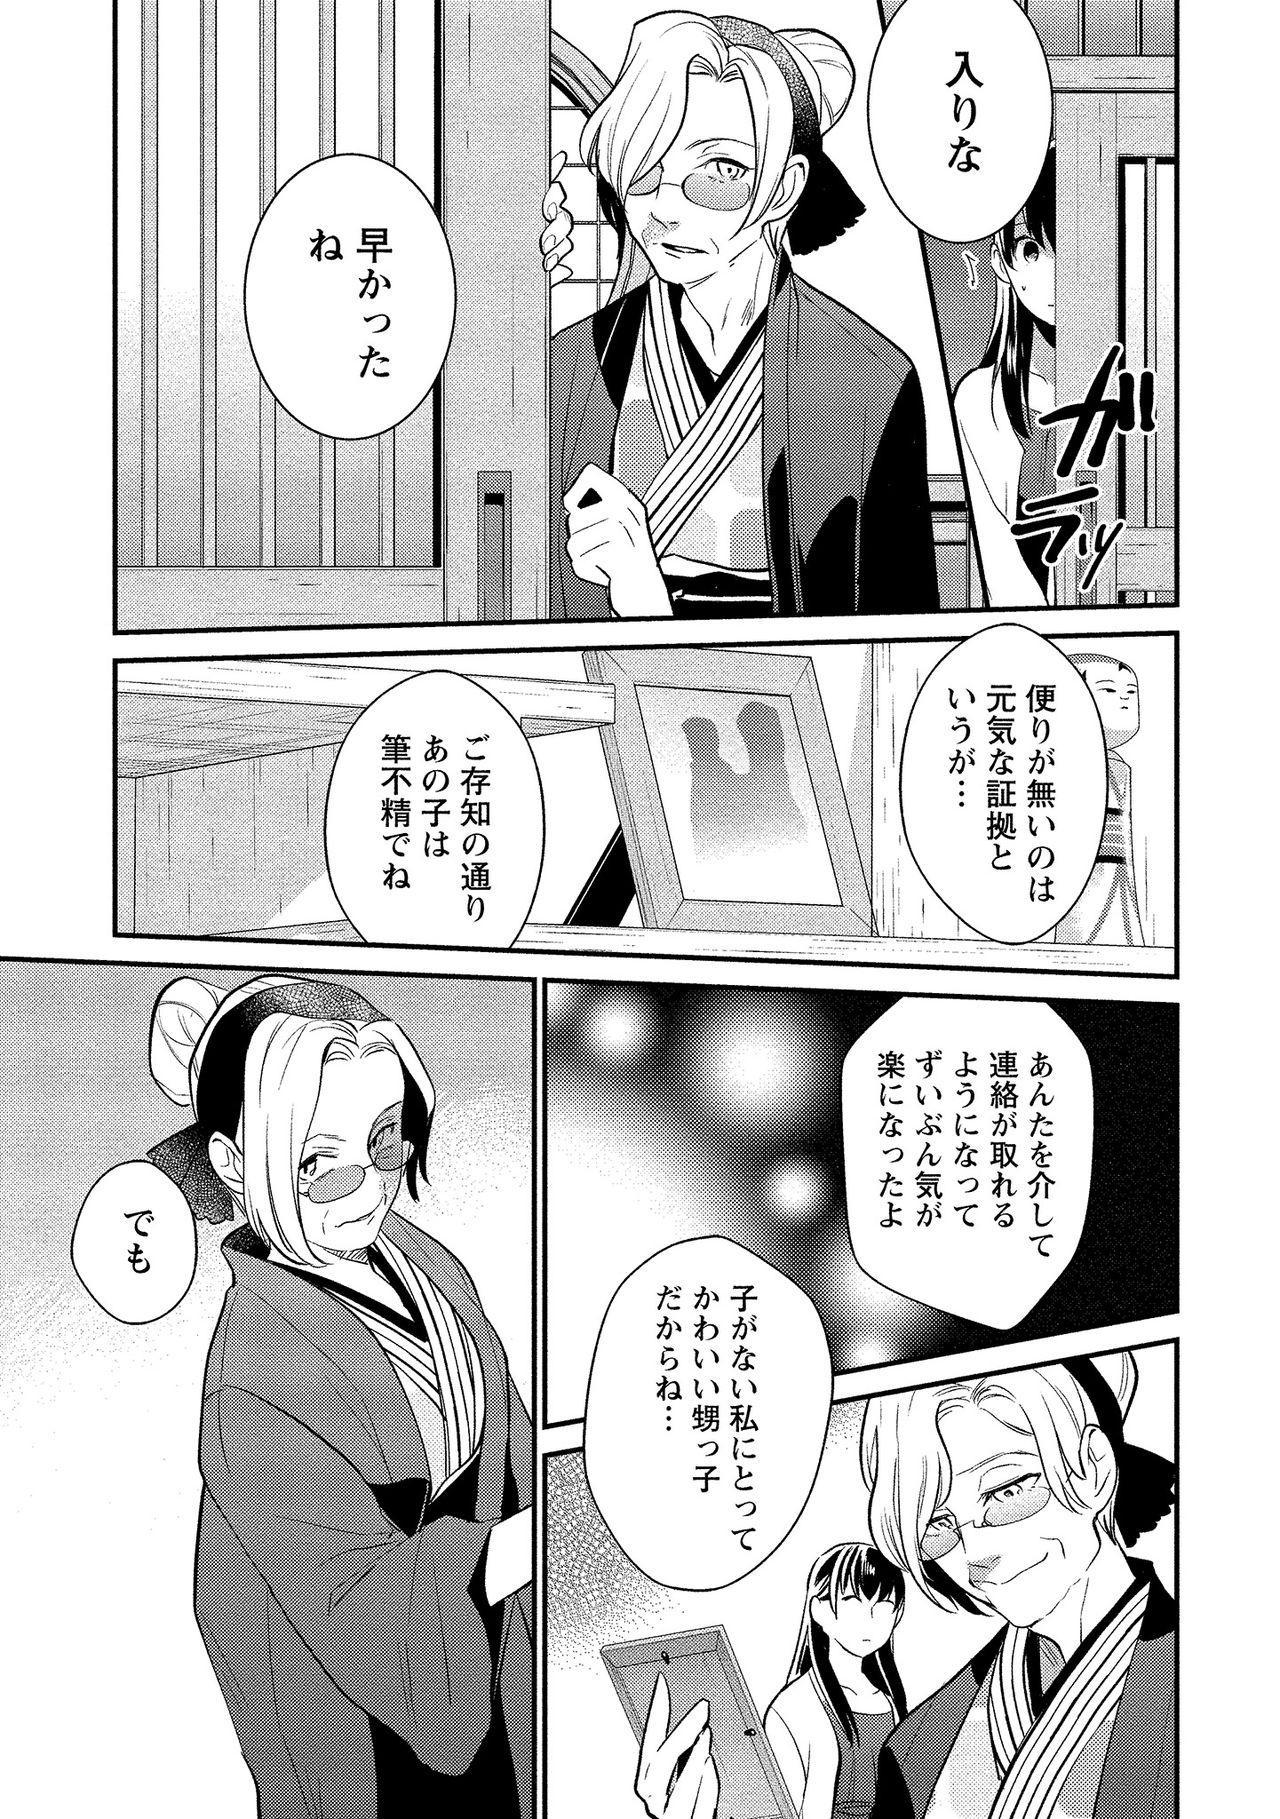 Dorobou Neko wa Kanojo no Hajimari 175